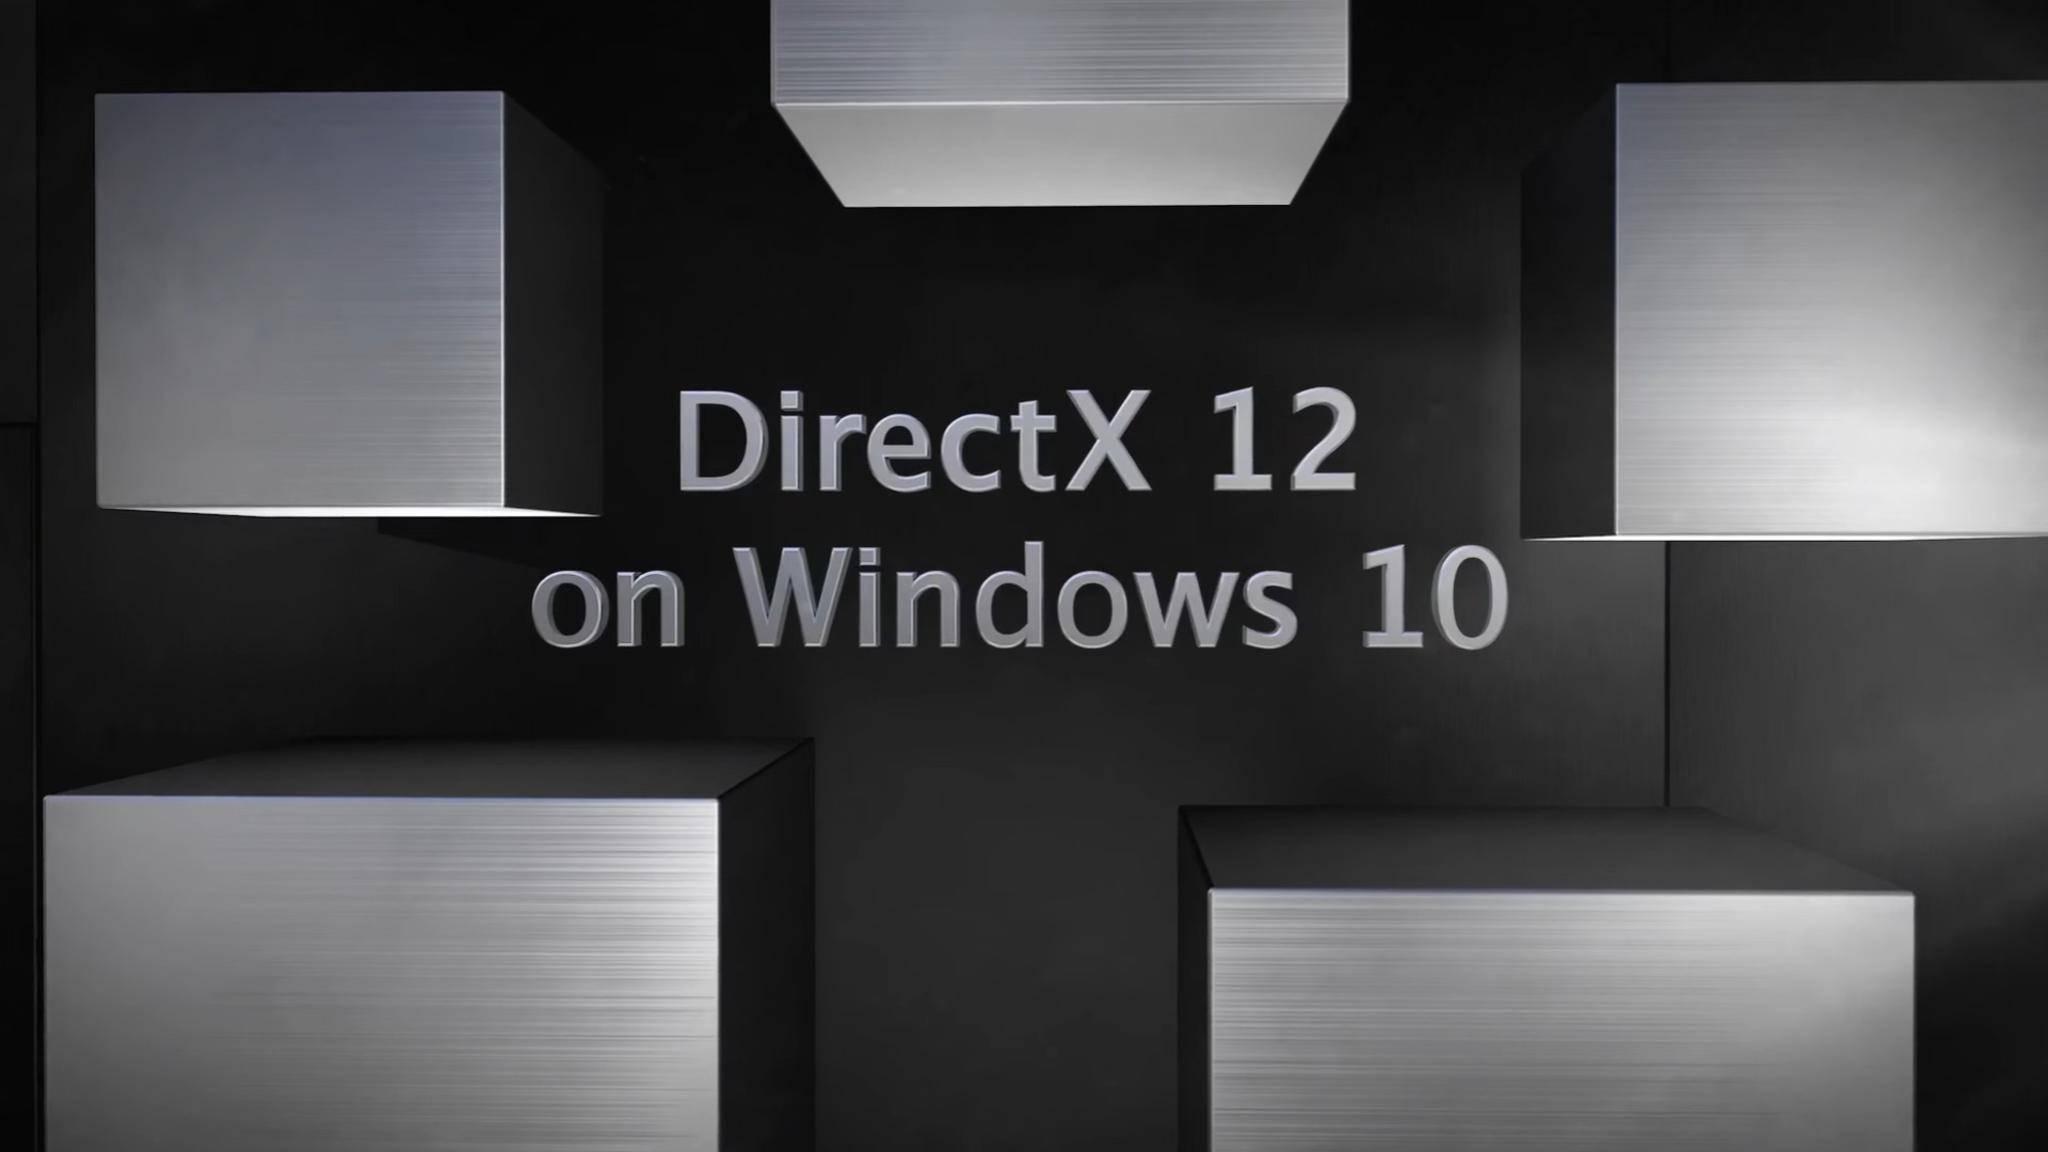 DirectX 12 kannst Du nur mit Windows 10 nutzen.